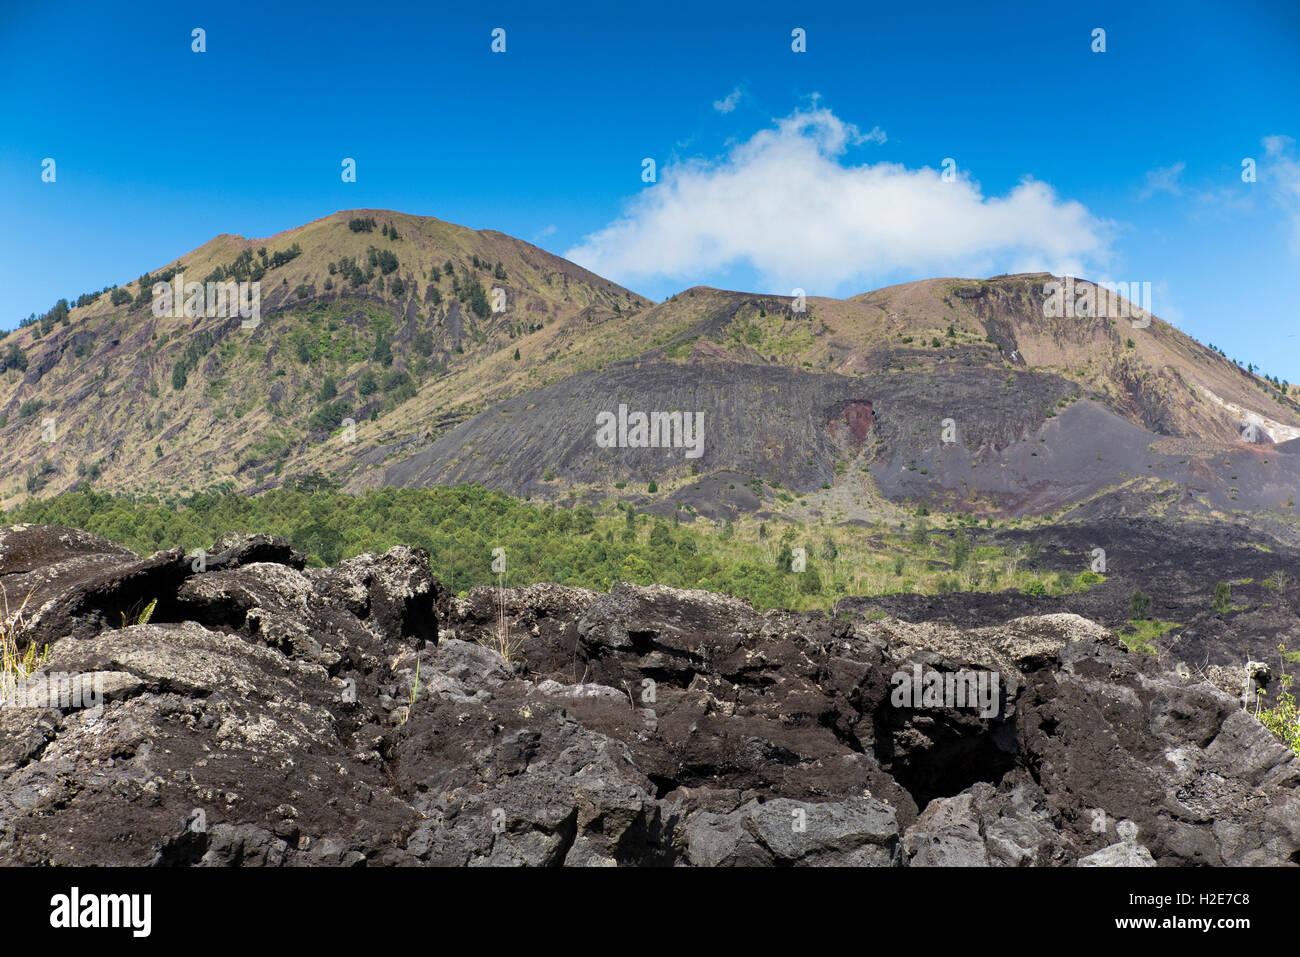 Indonesia, Bali, Kedisan, Gunung Batur, flujo de lava de la erupción de 1974 Imagen De Stock